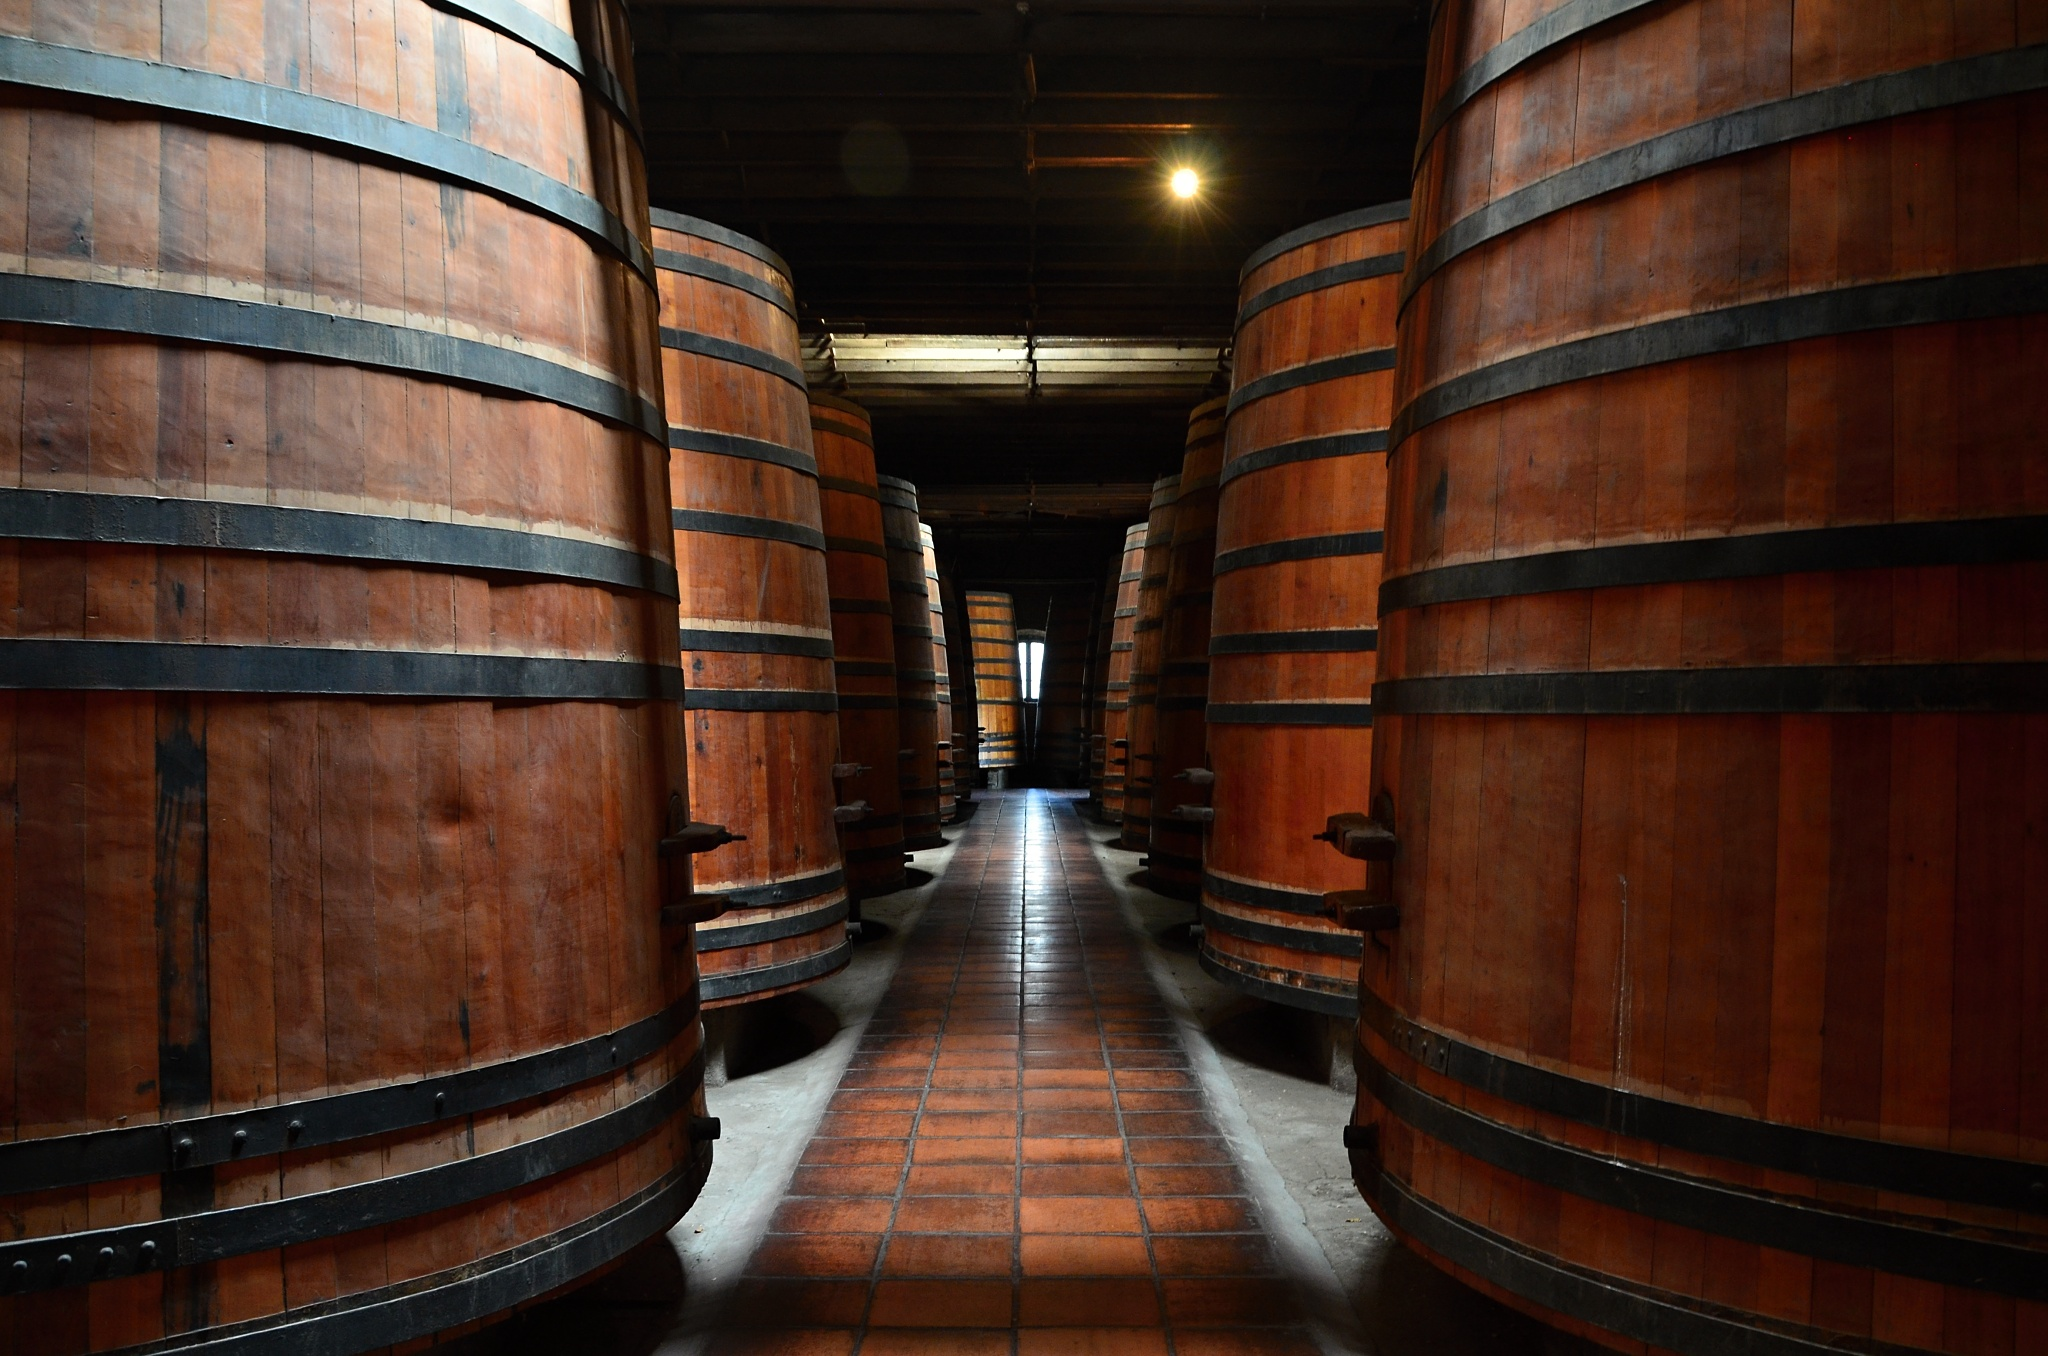 Obrovské sudy na víno ve sklepeních vinařství